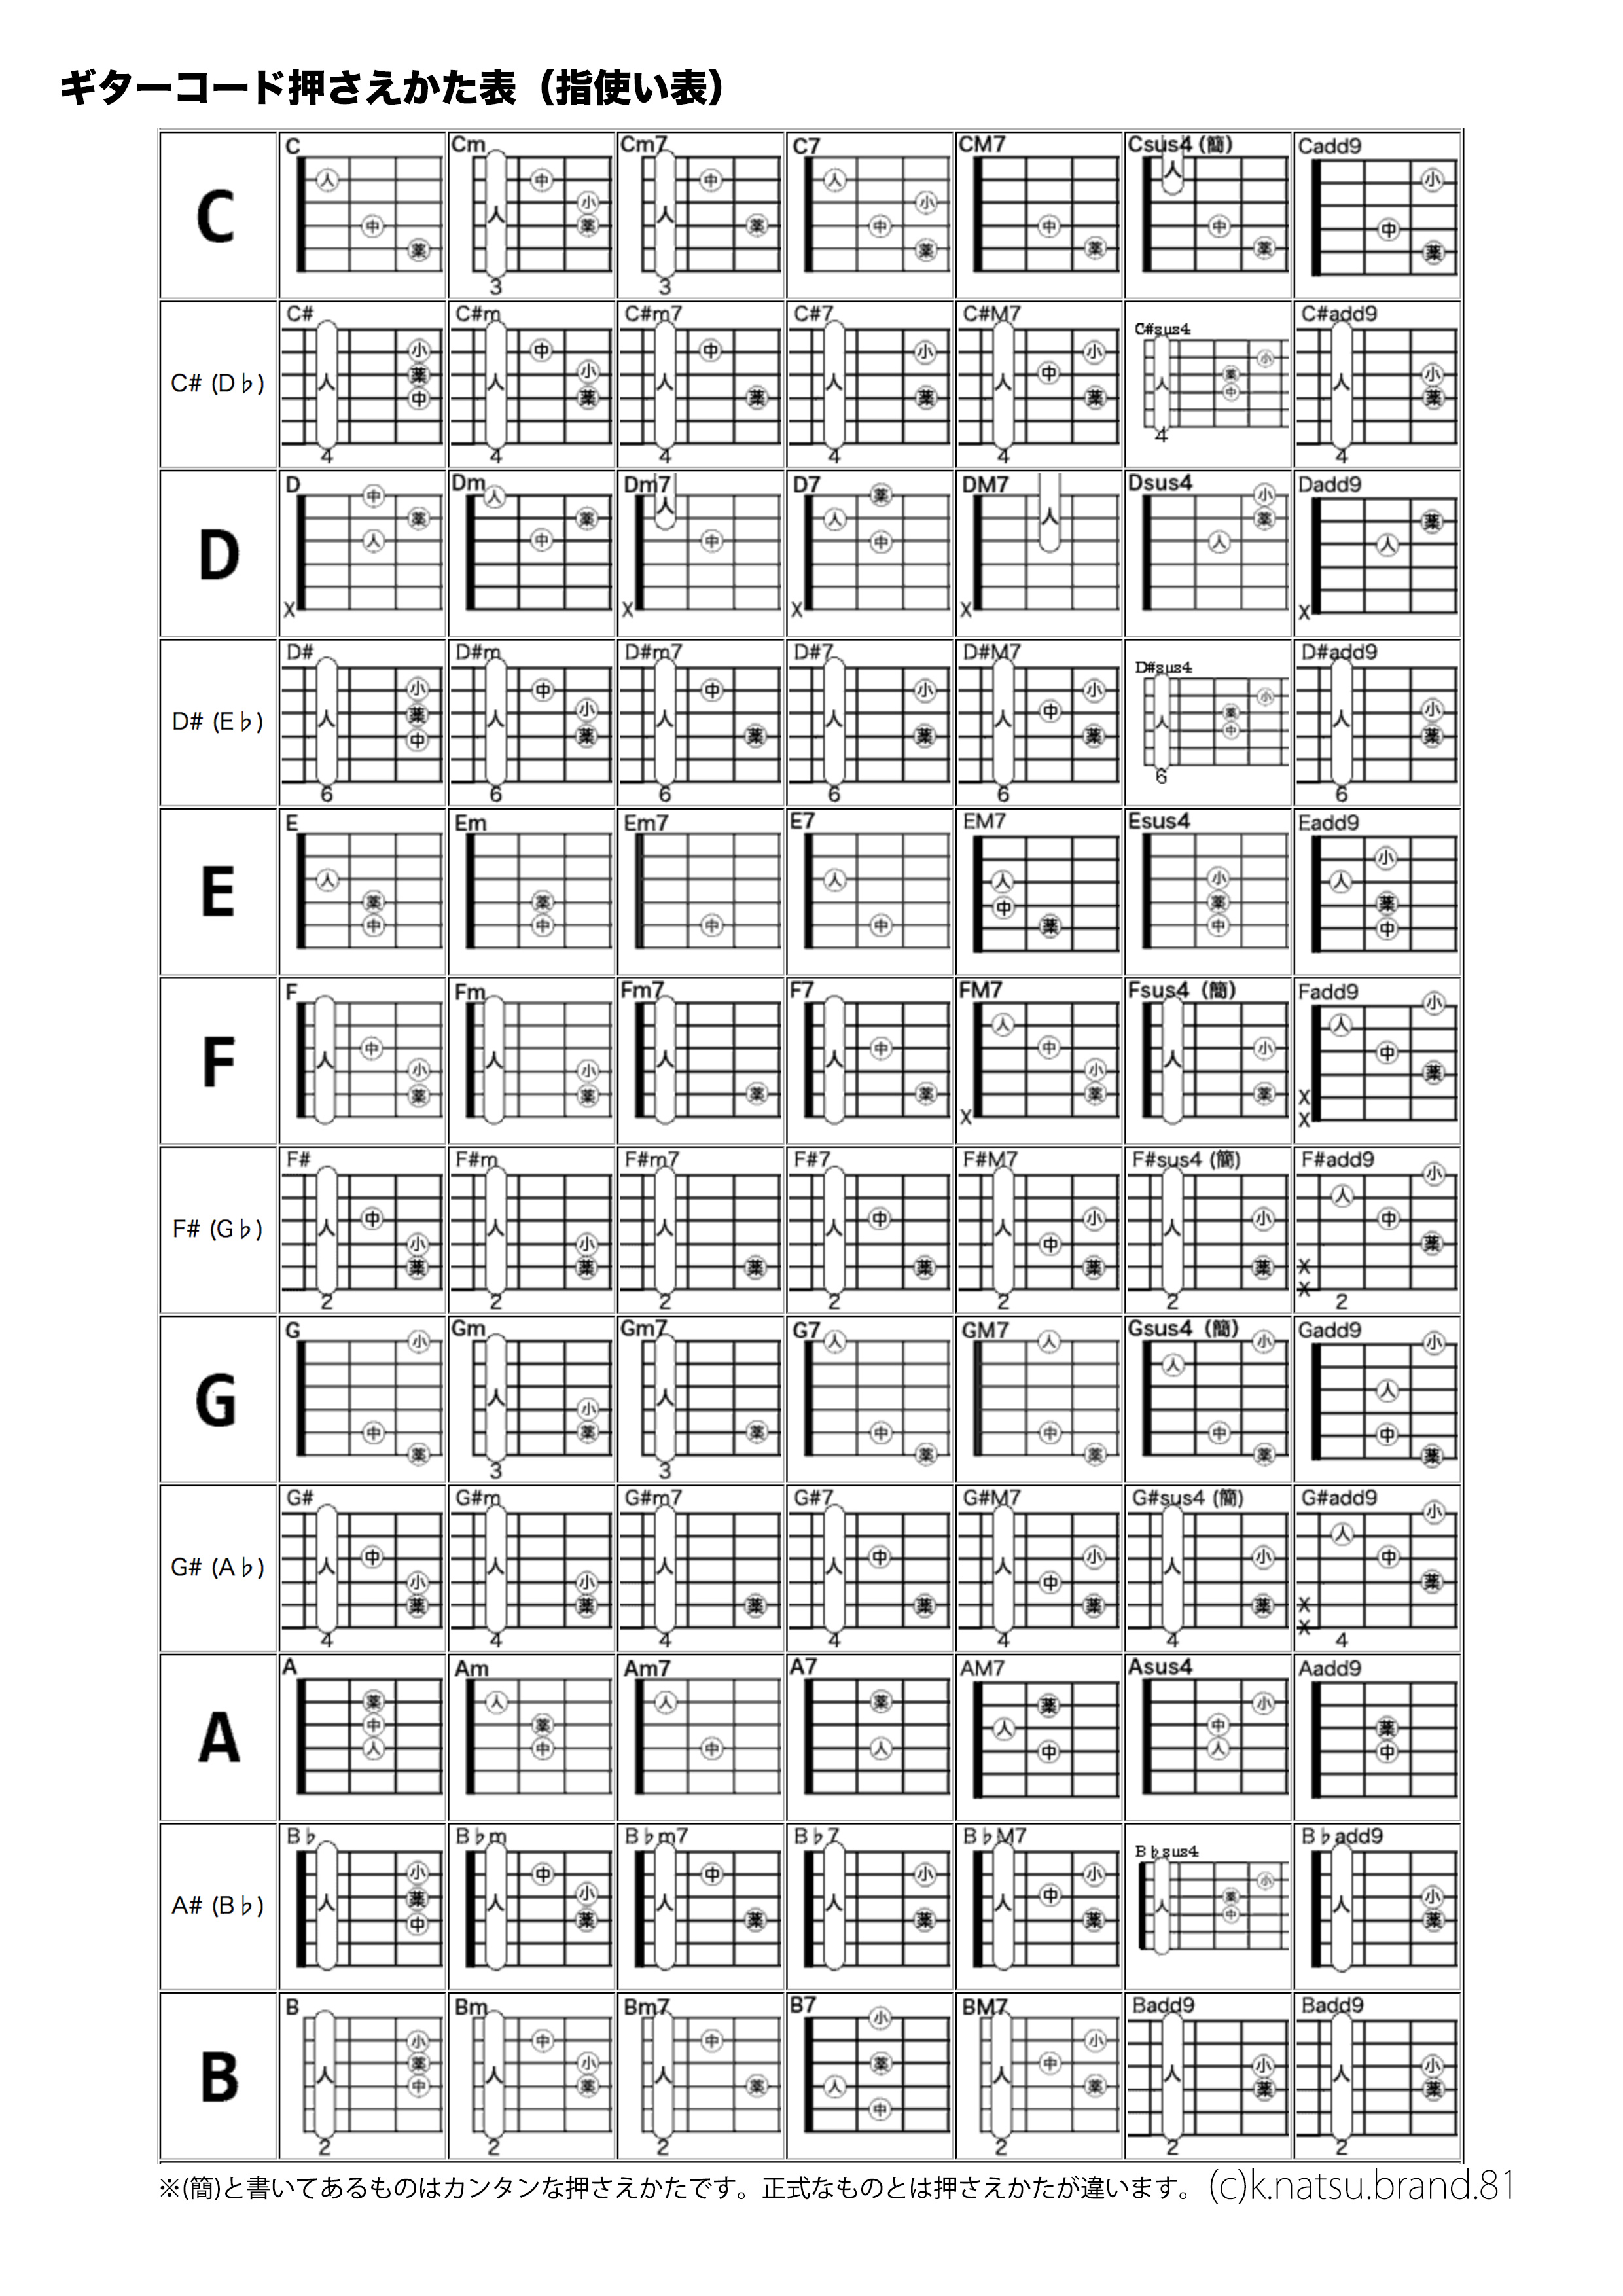 ギターコード押さえかた表 A4印刷用